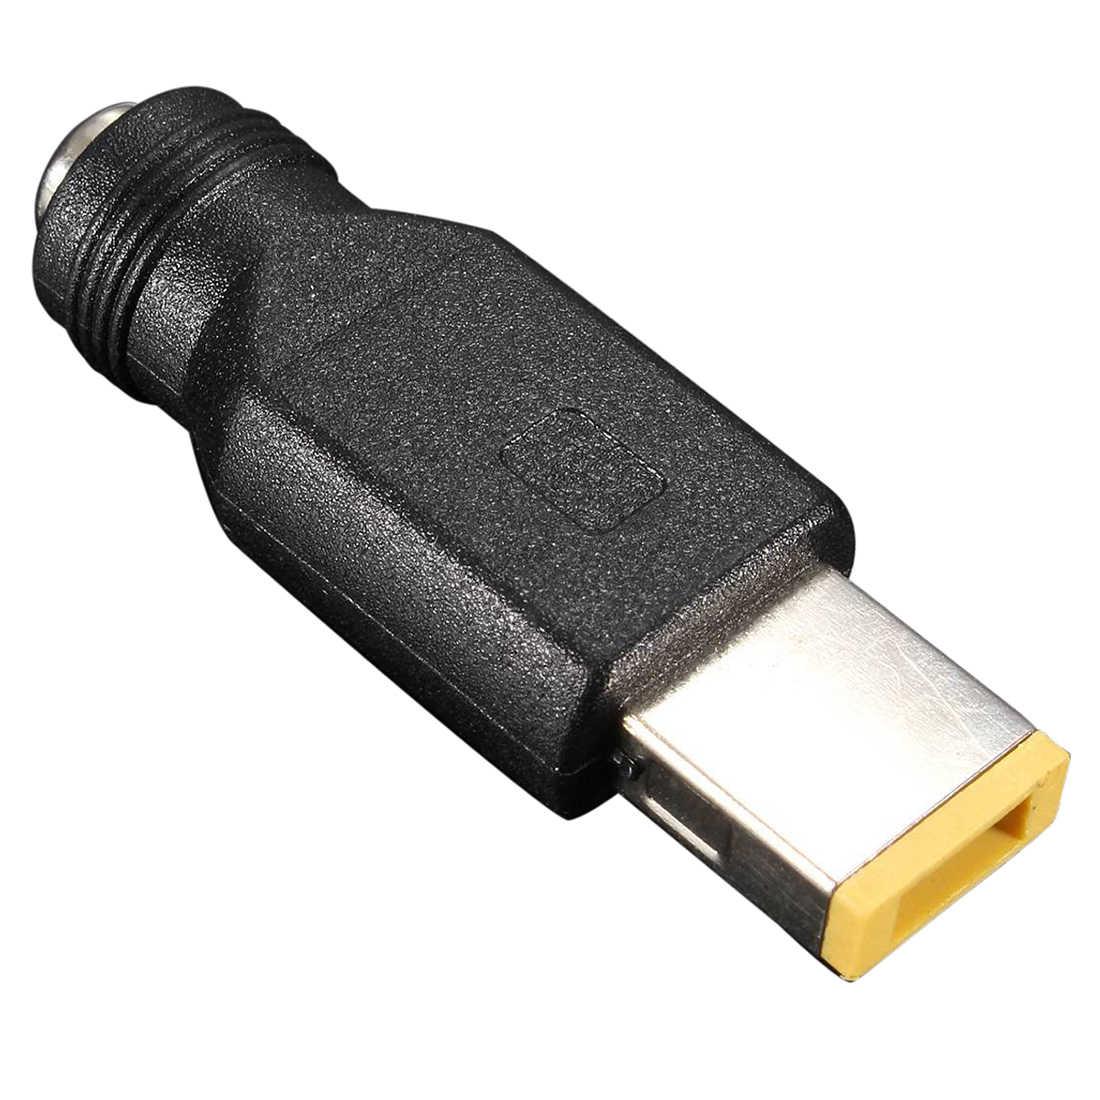 ¿5,5x2,1mm de la energía del cargador de convertidor de enchufe convertidor de cargador de adaptador de Cable para Lenovo ThinkPad X1 Carbon-0B47046 Ultrabook cuaderno?